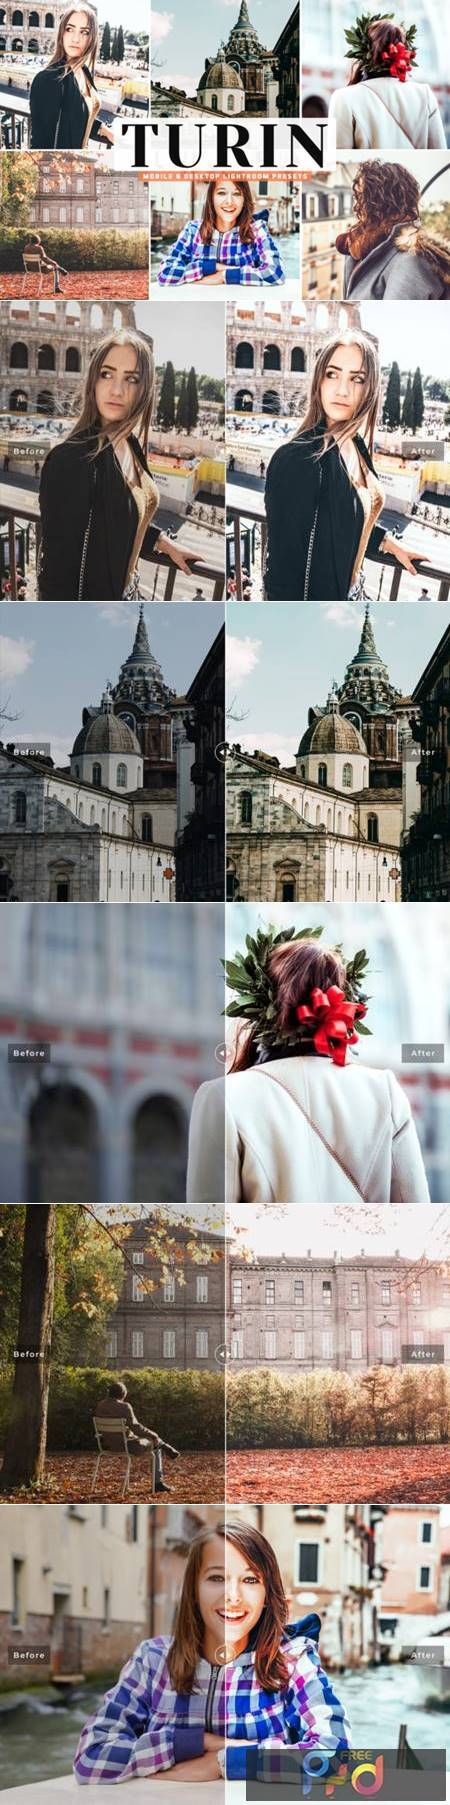 Turin Mobile & Desktop Lightroom Presets 4160165 1